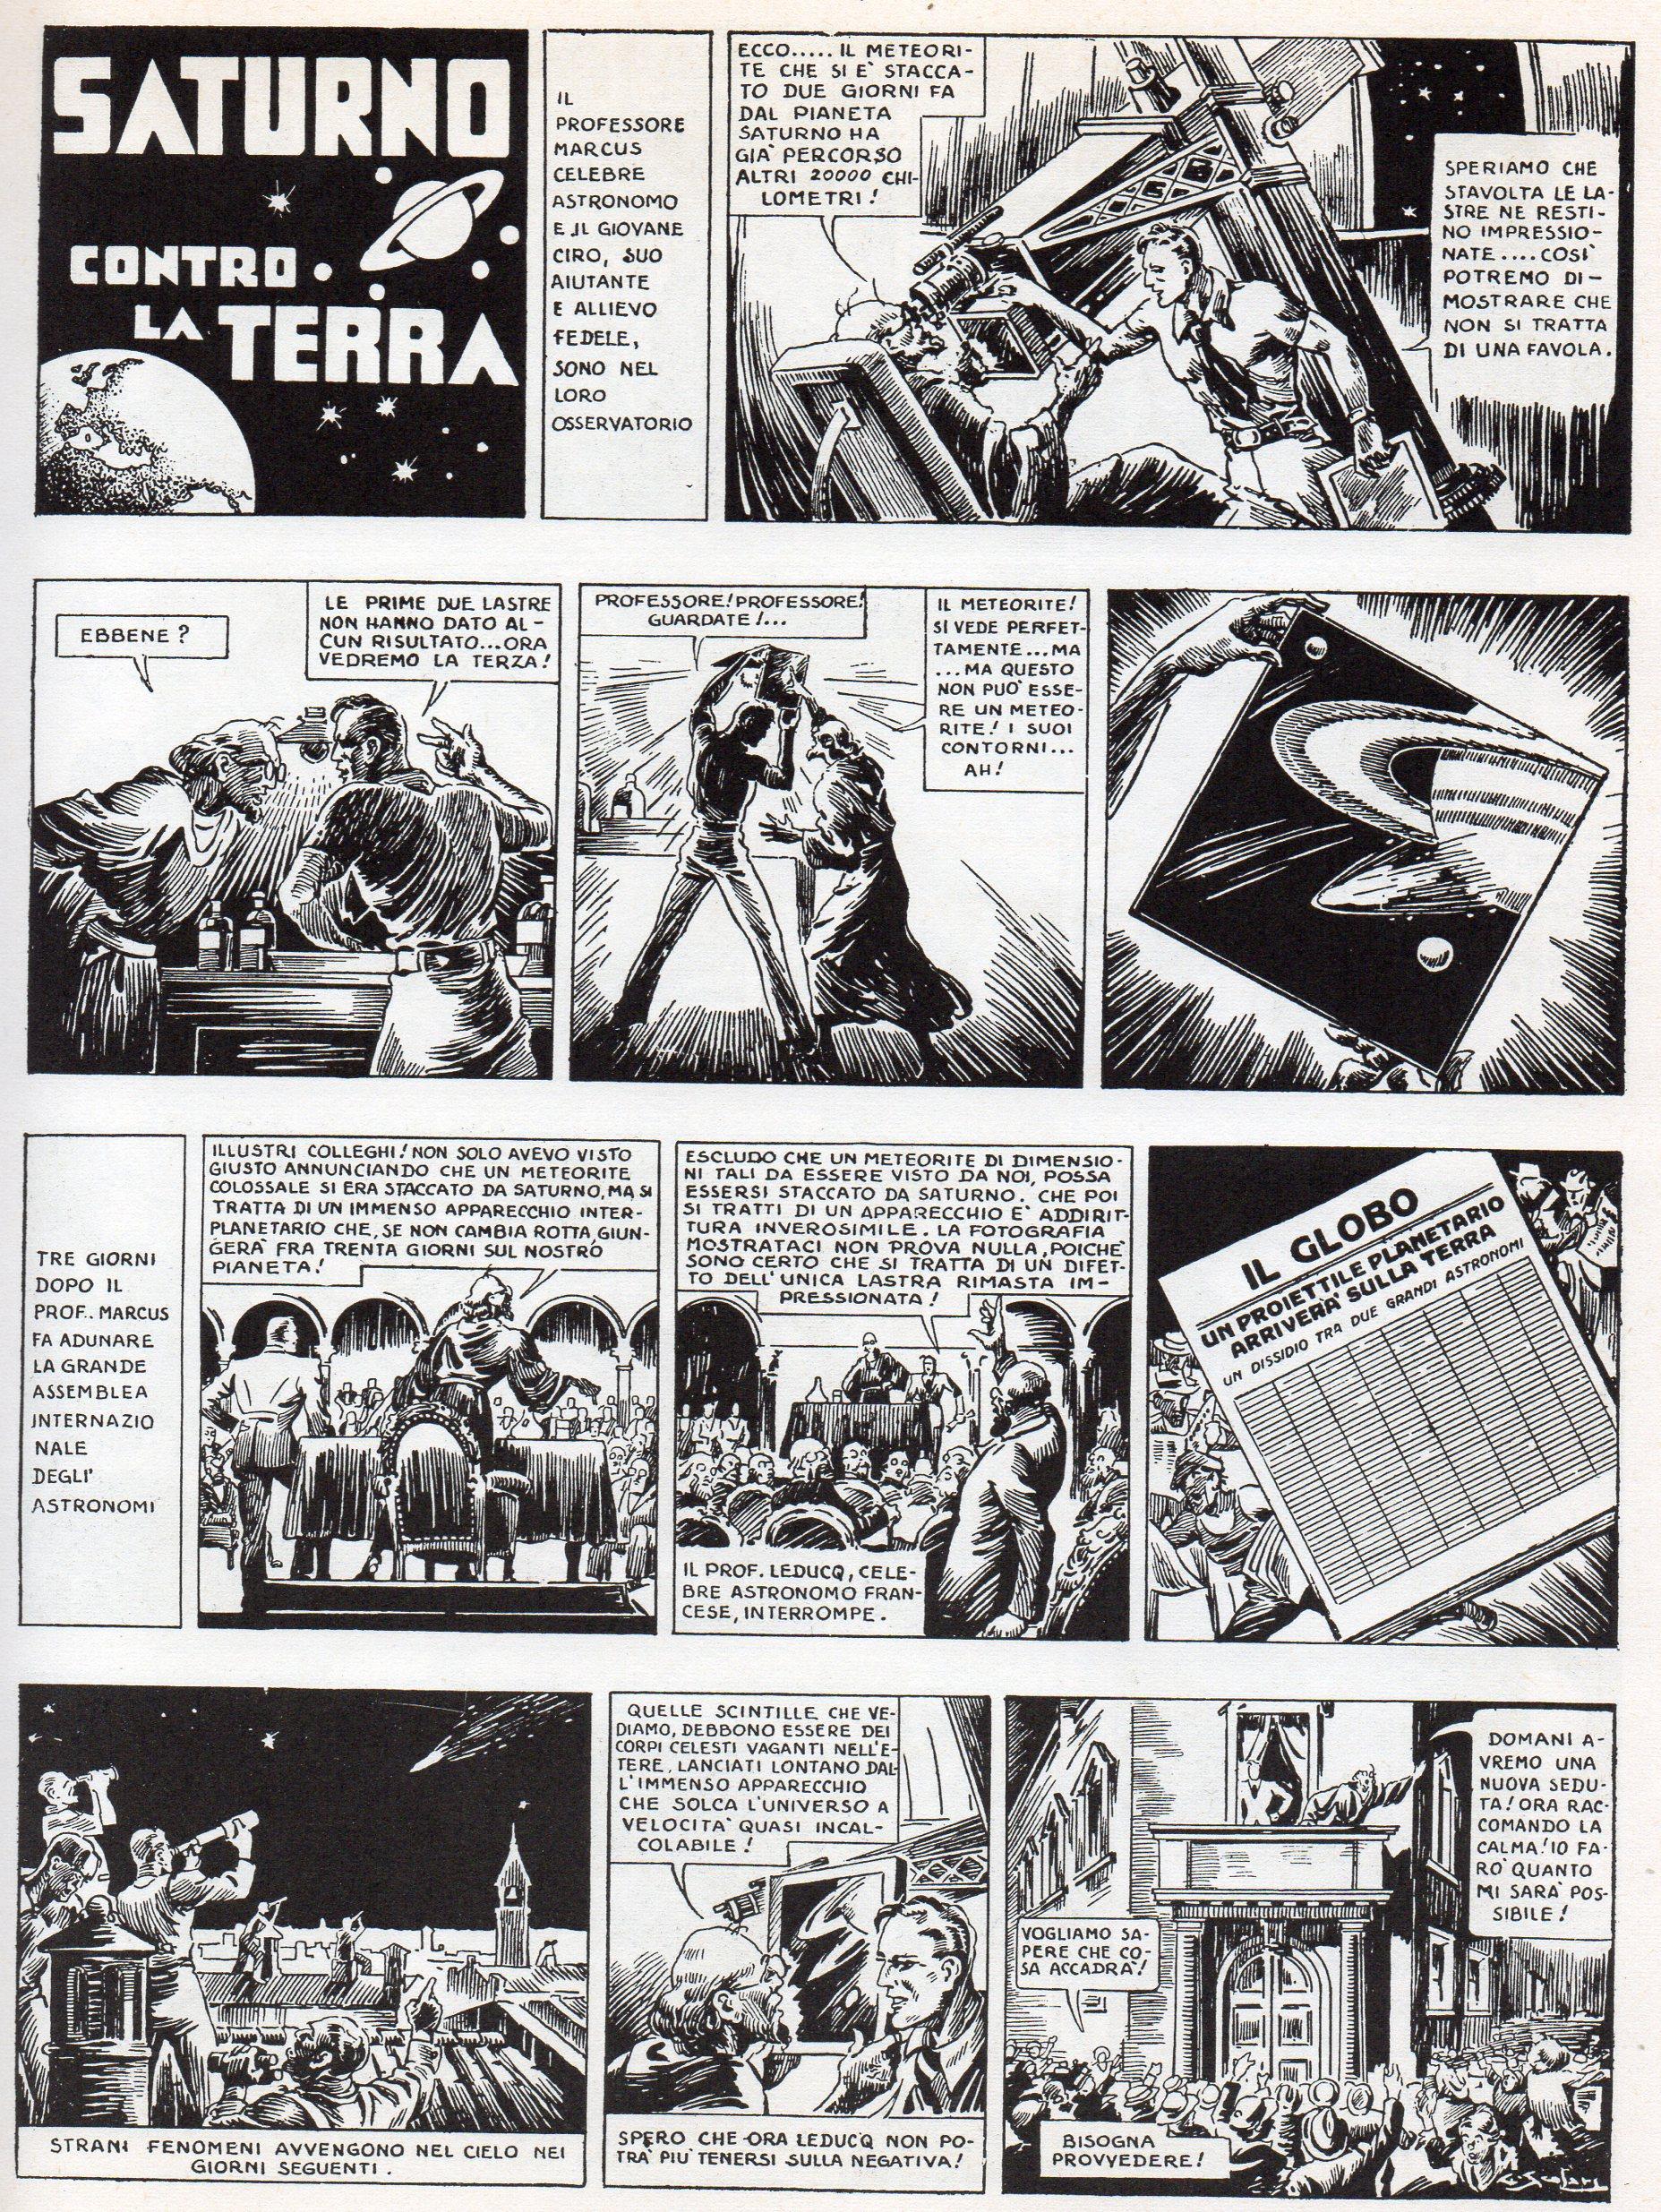 Fascismo & Fumetto: Saturno contro la Terra (seconda parte) – di Francesco G. Manetti